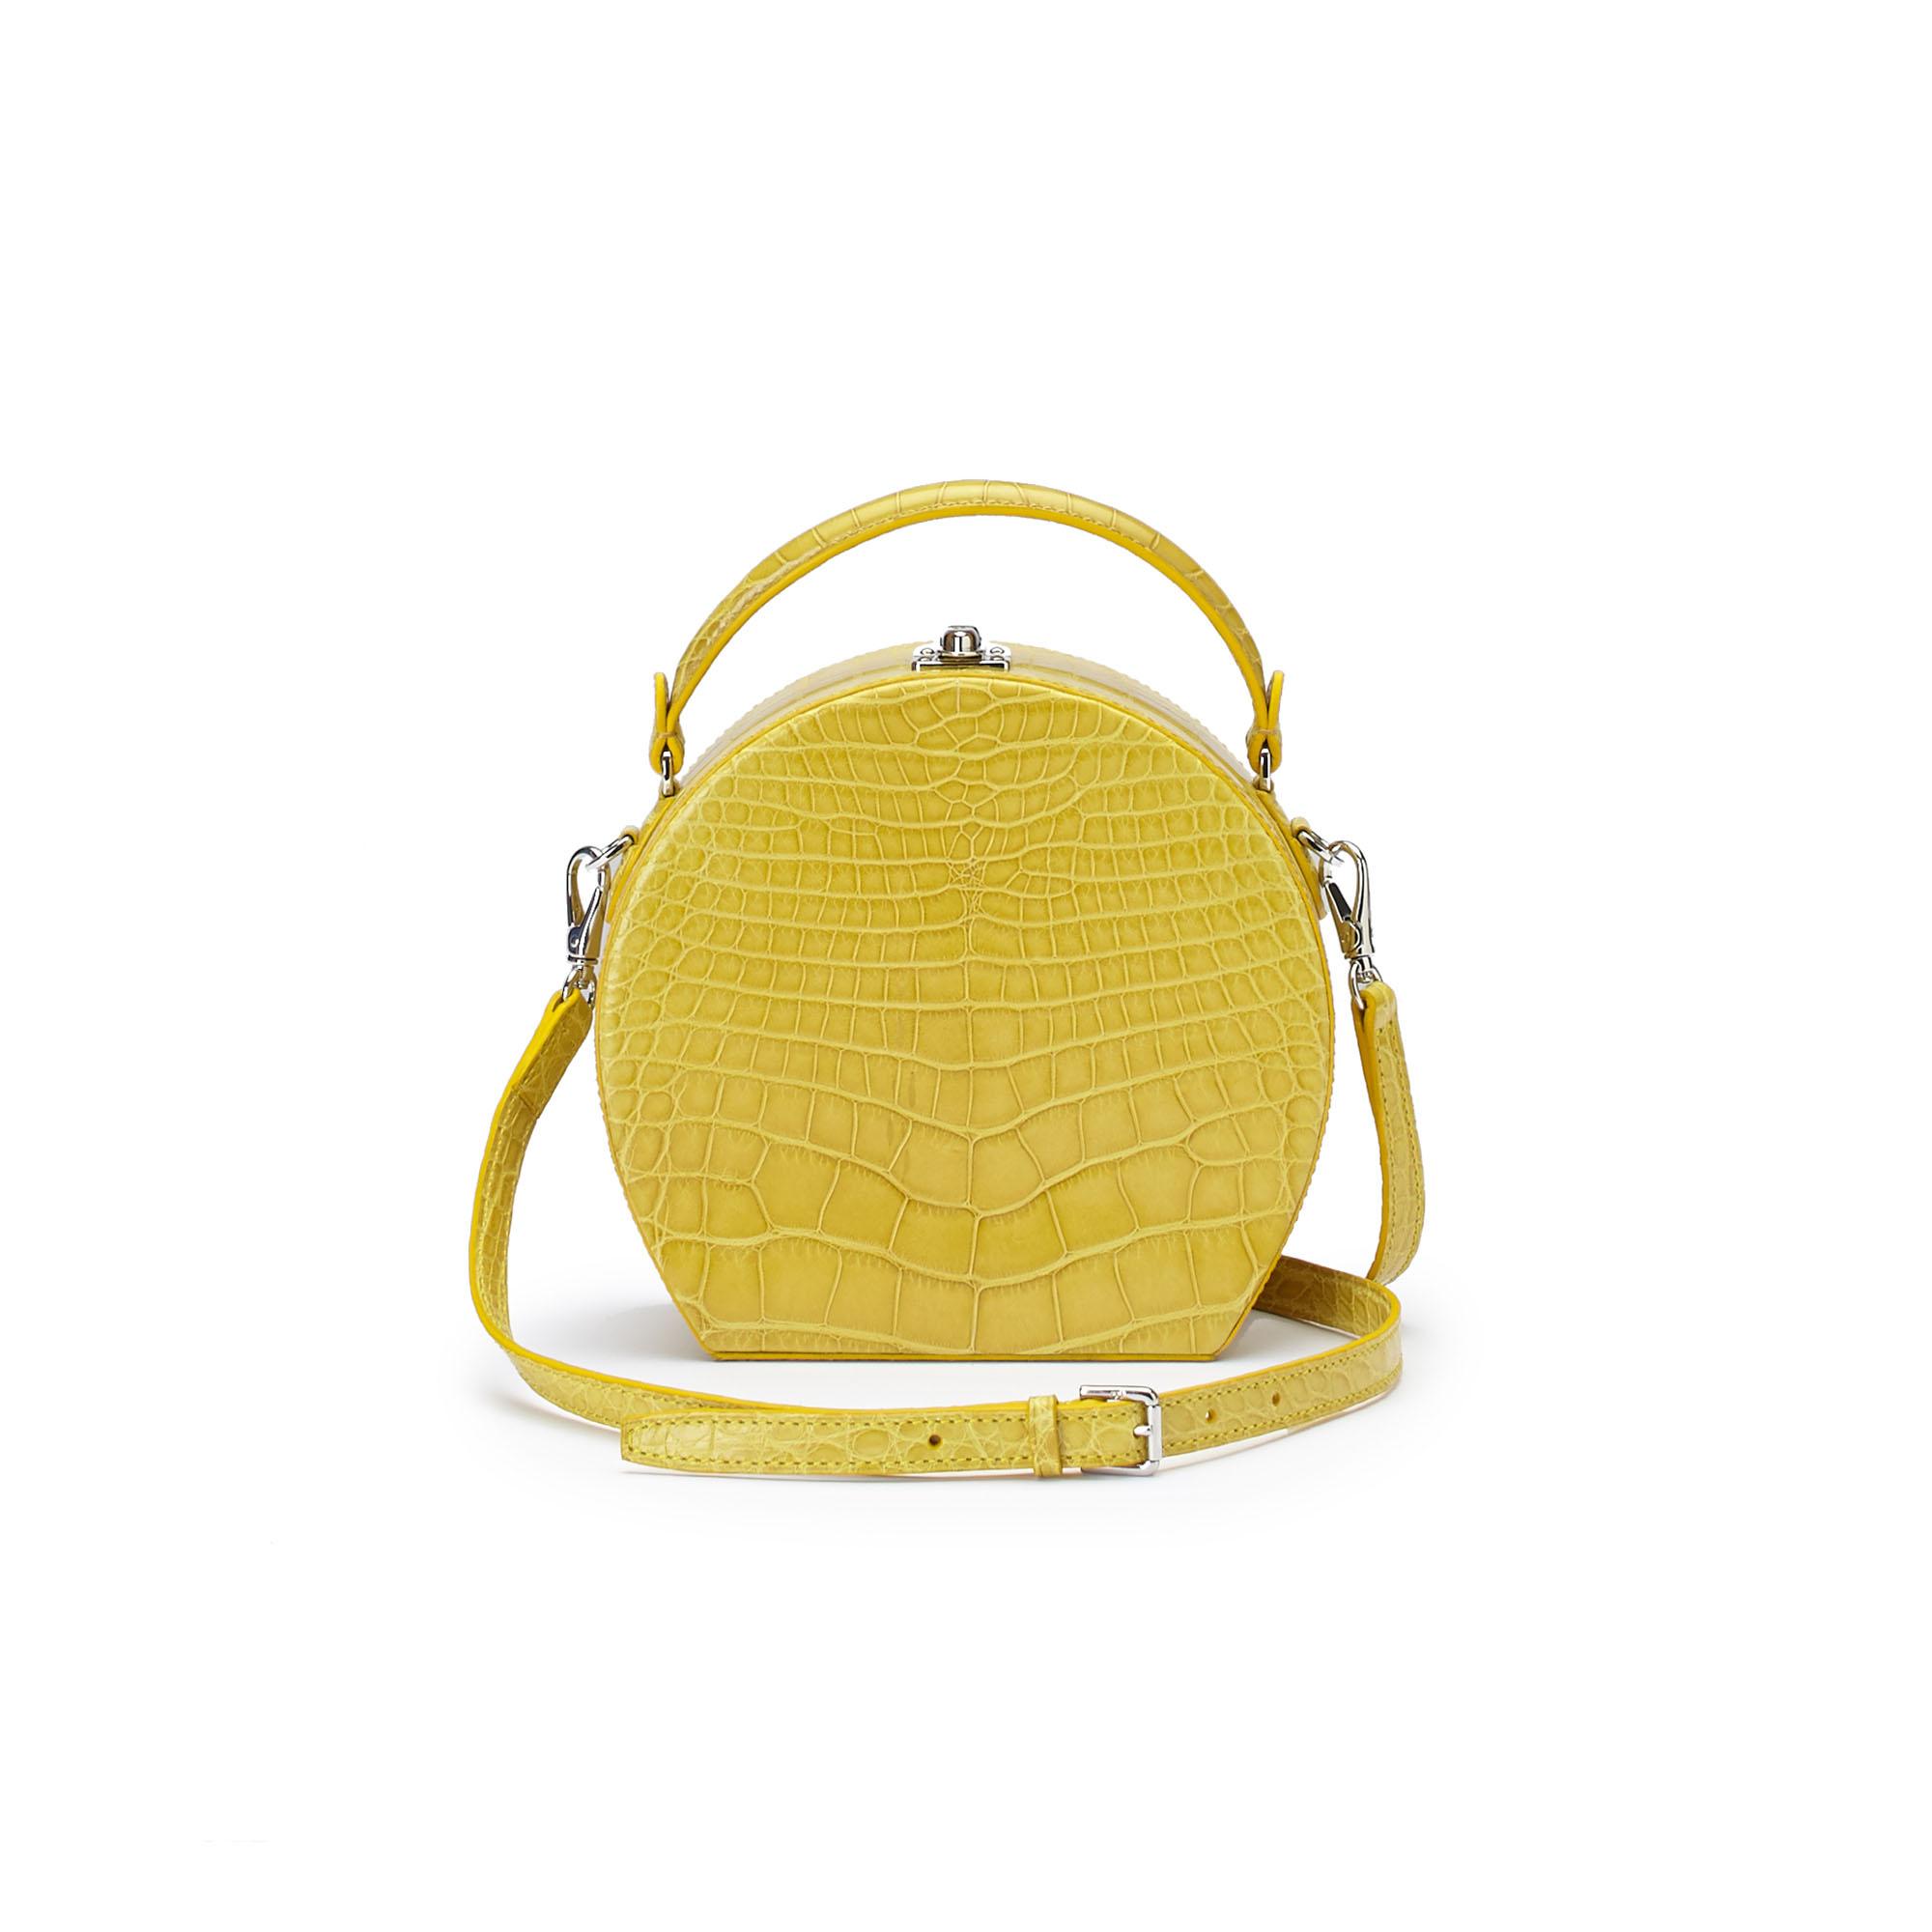 The yellow alligator Regular Bertoncina bag by Bertoni 1949 03